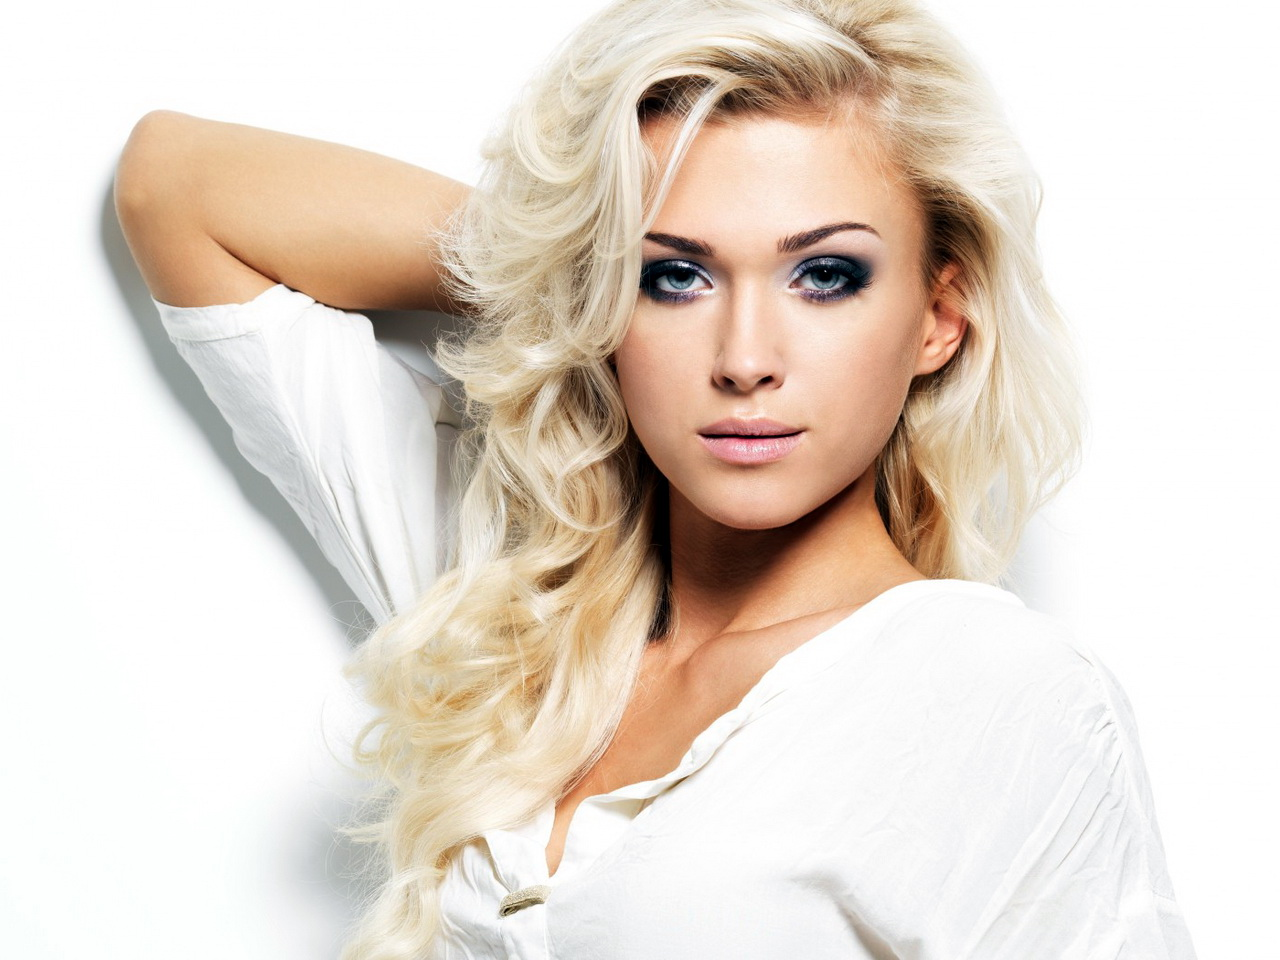 Фото блондинка с косой 13 фотография